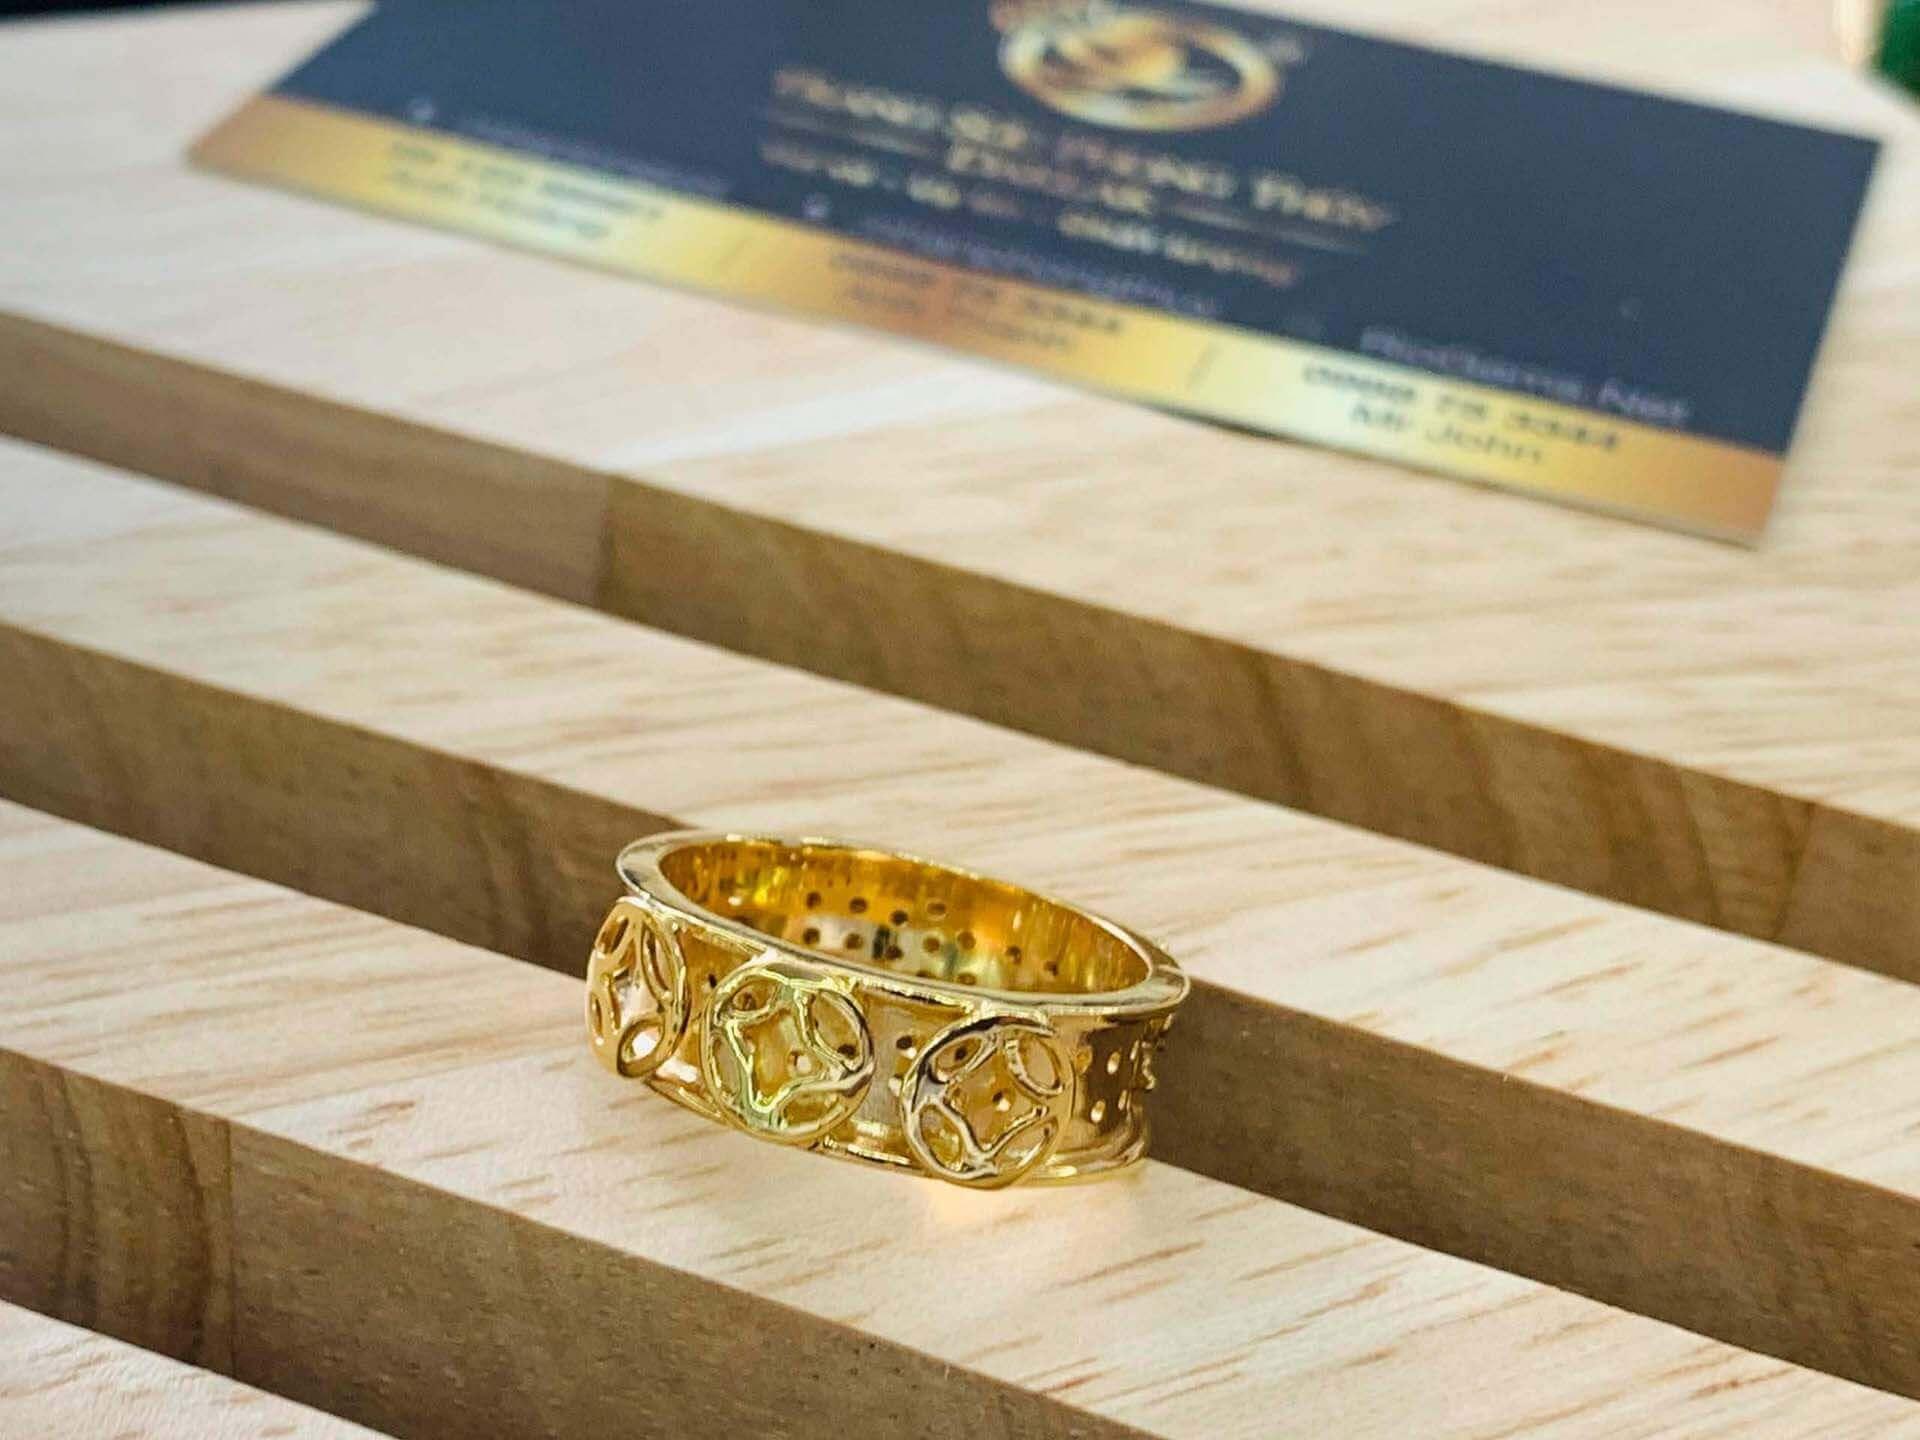 Nhẫn Nam vàng Phúc Lộc Thọ thể hiện sự uy quyền